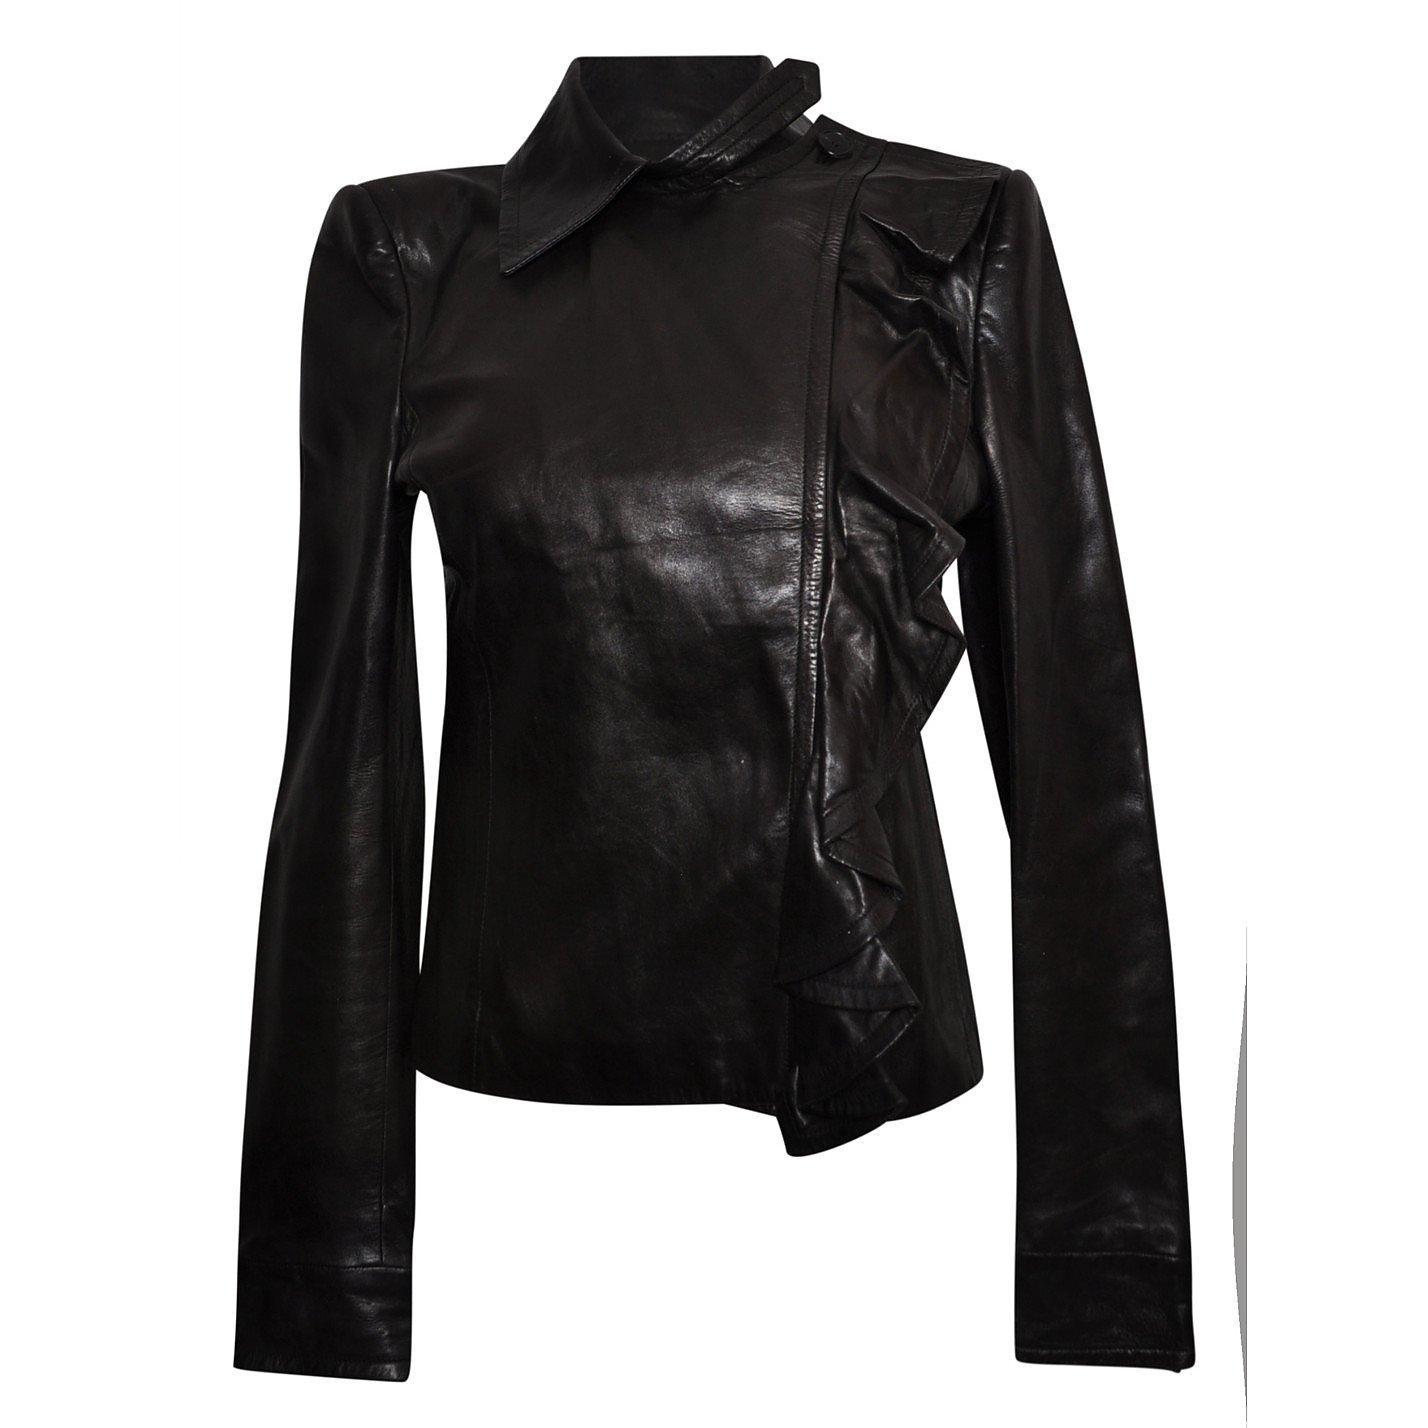 Yves Saint Laurent Leather Ruffle Jacket